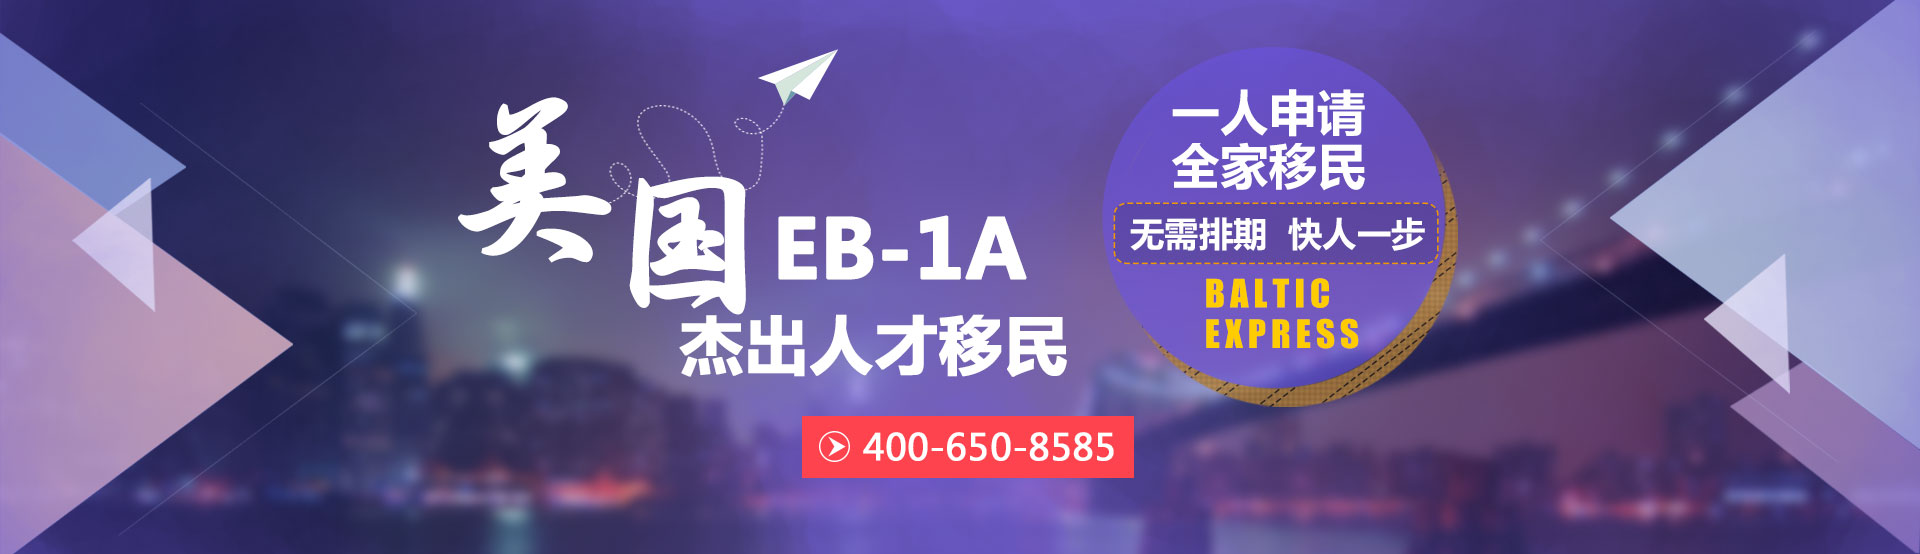 美国EB-1A项目